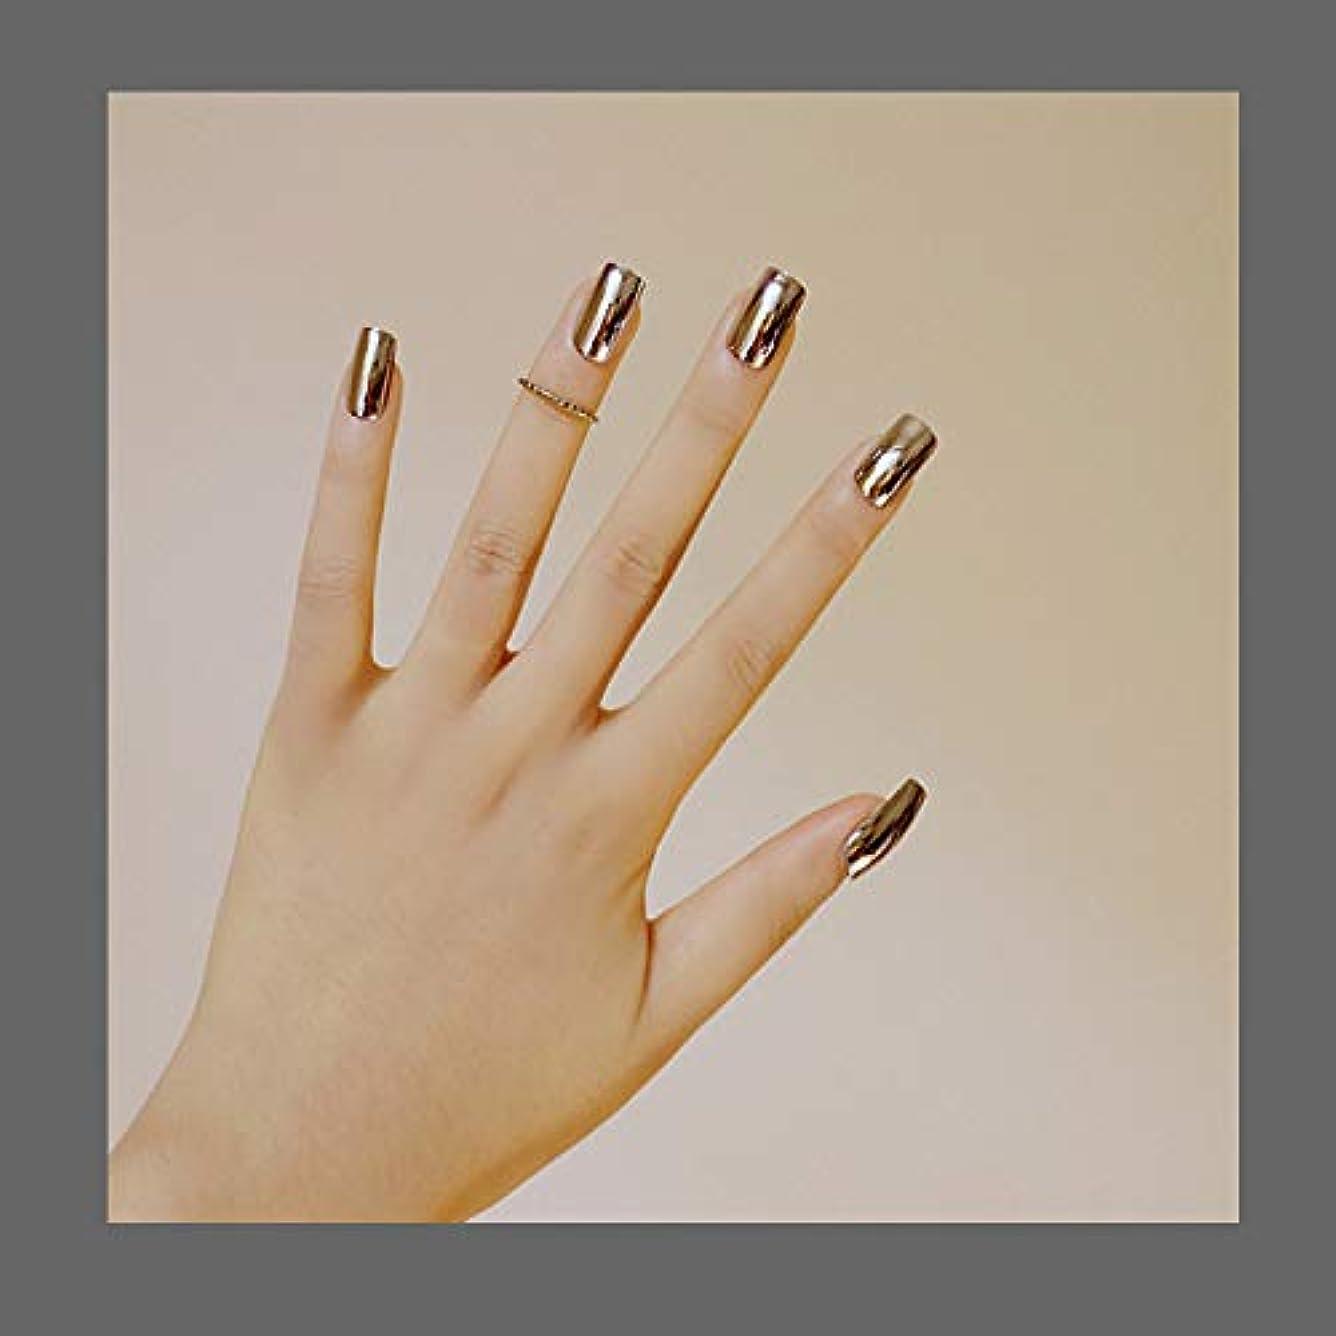 叱るピーク農奴欧米で流行るパンク風付け爪 色変化のミラー付け爪 24枚付け爪 フラットヘッド 銀